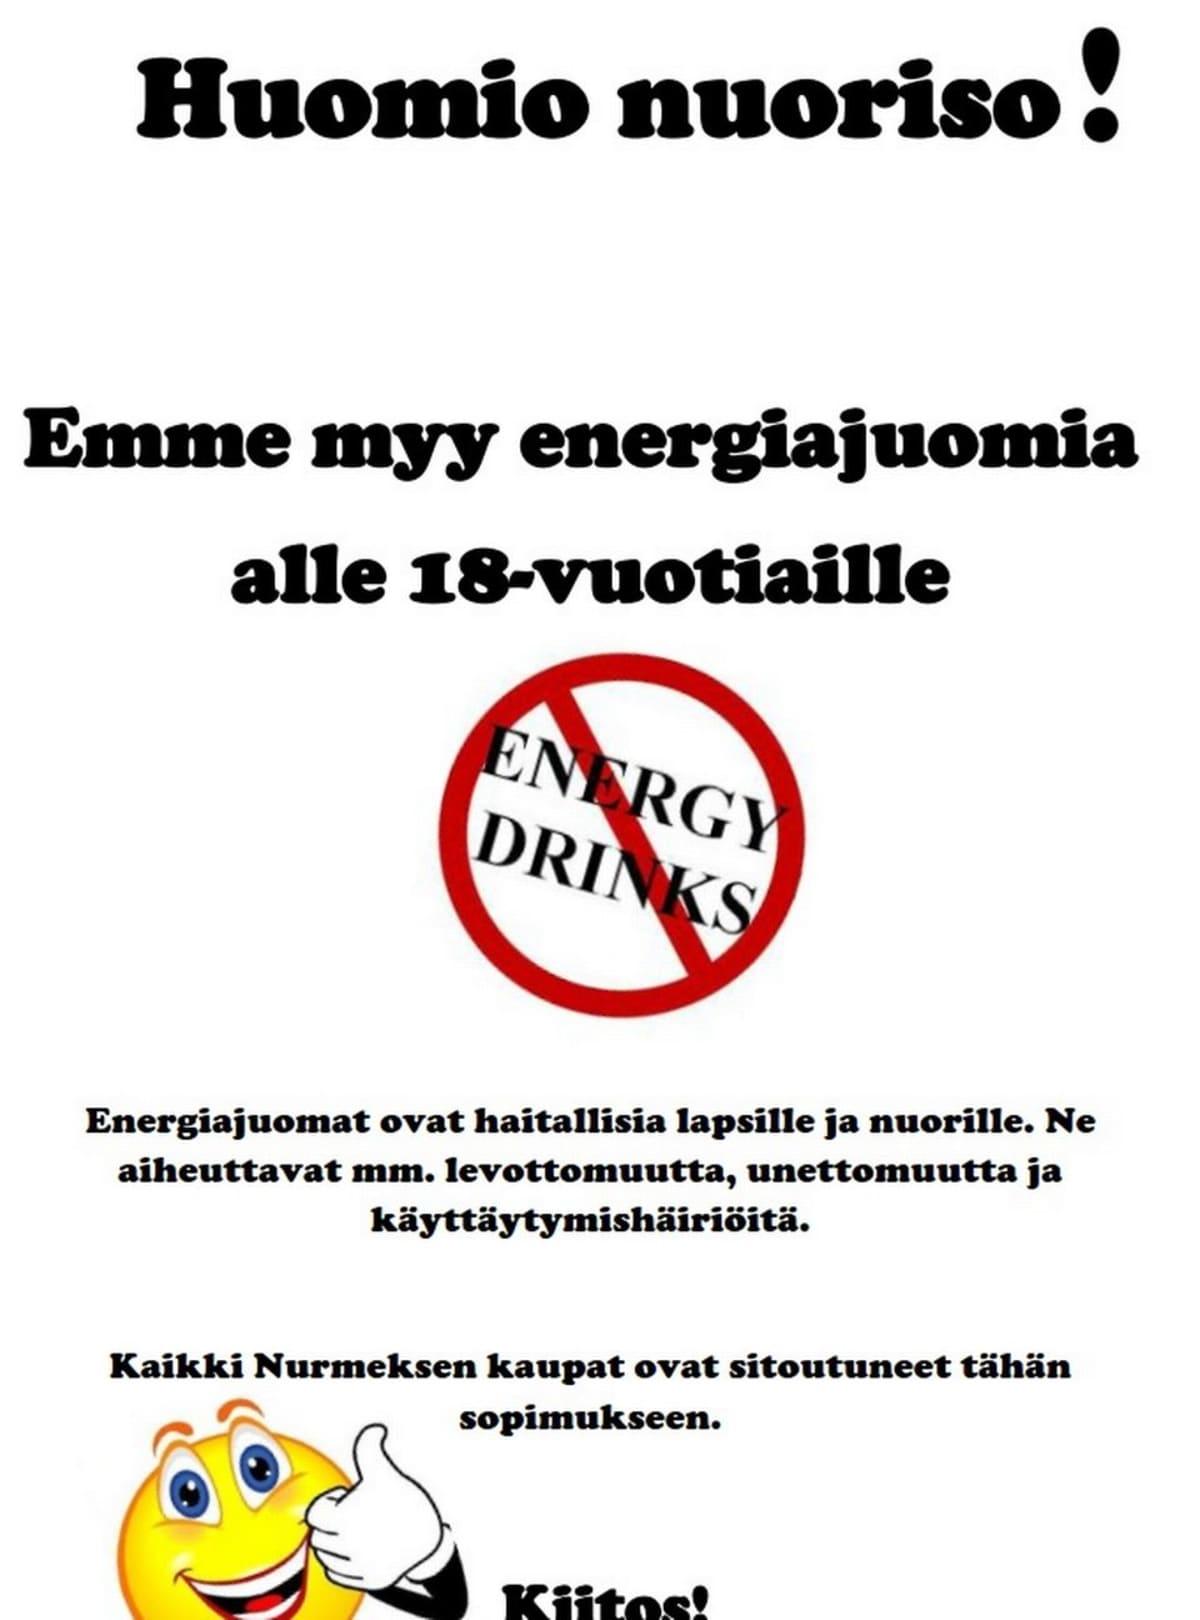 Emme myy energiajuomia -juliste Nurmeksessa.